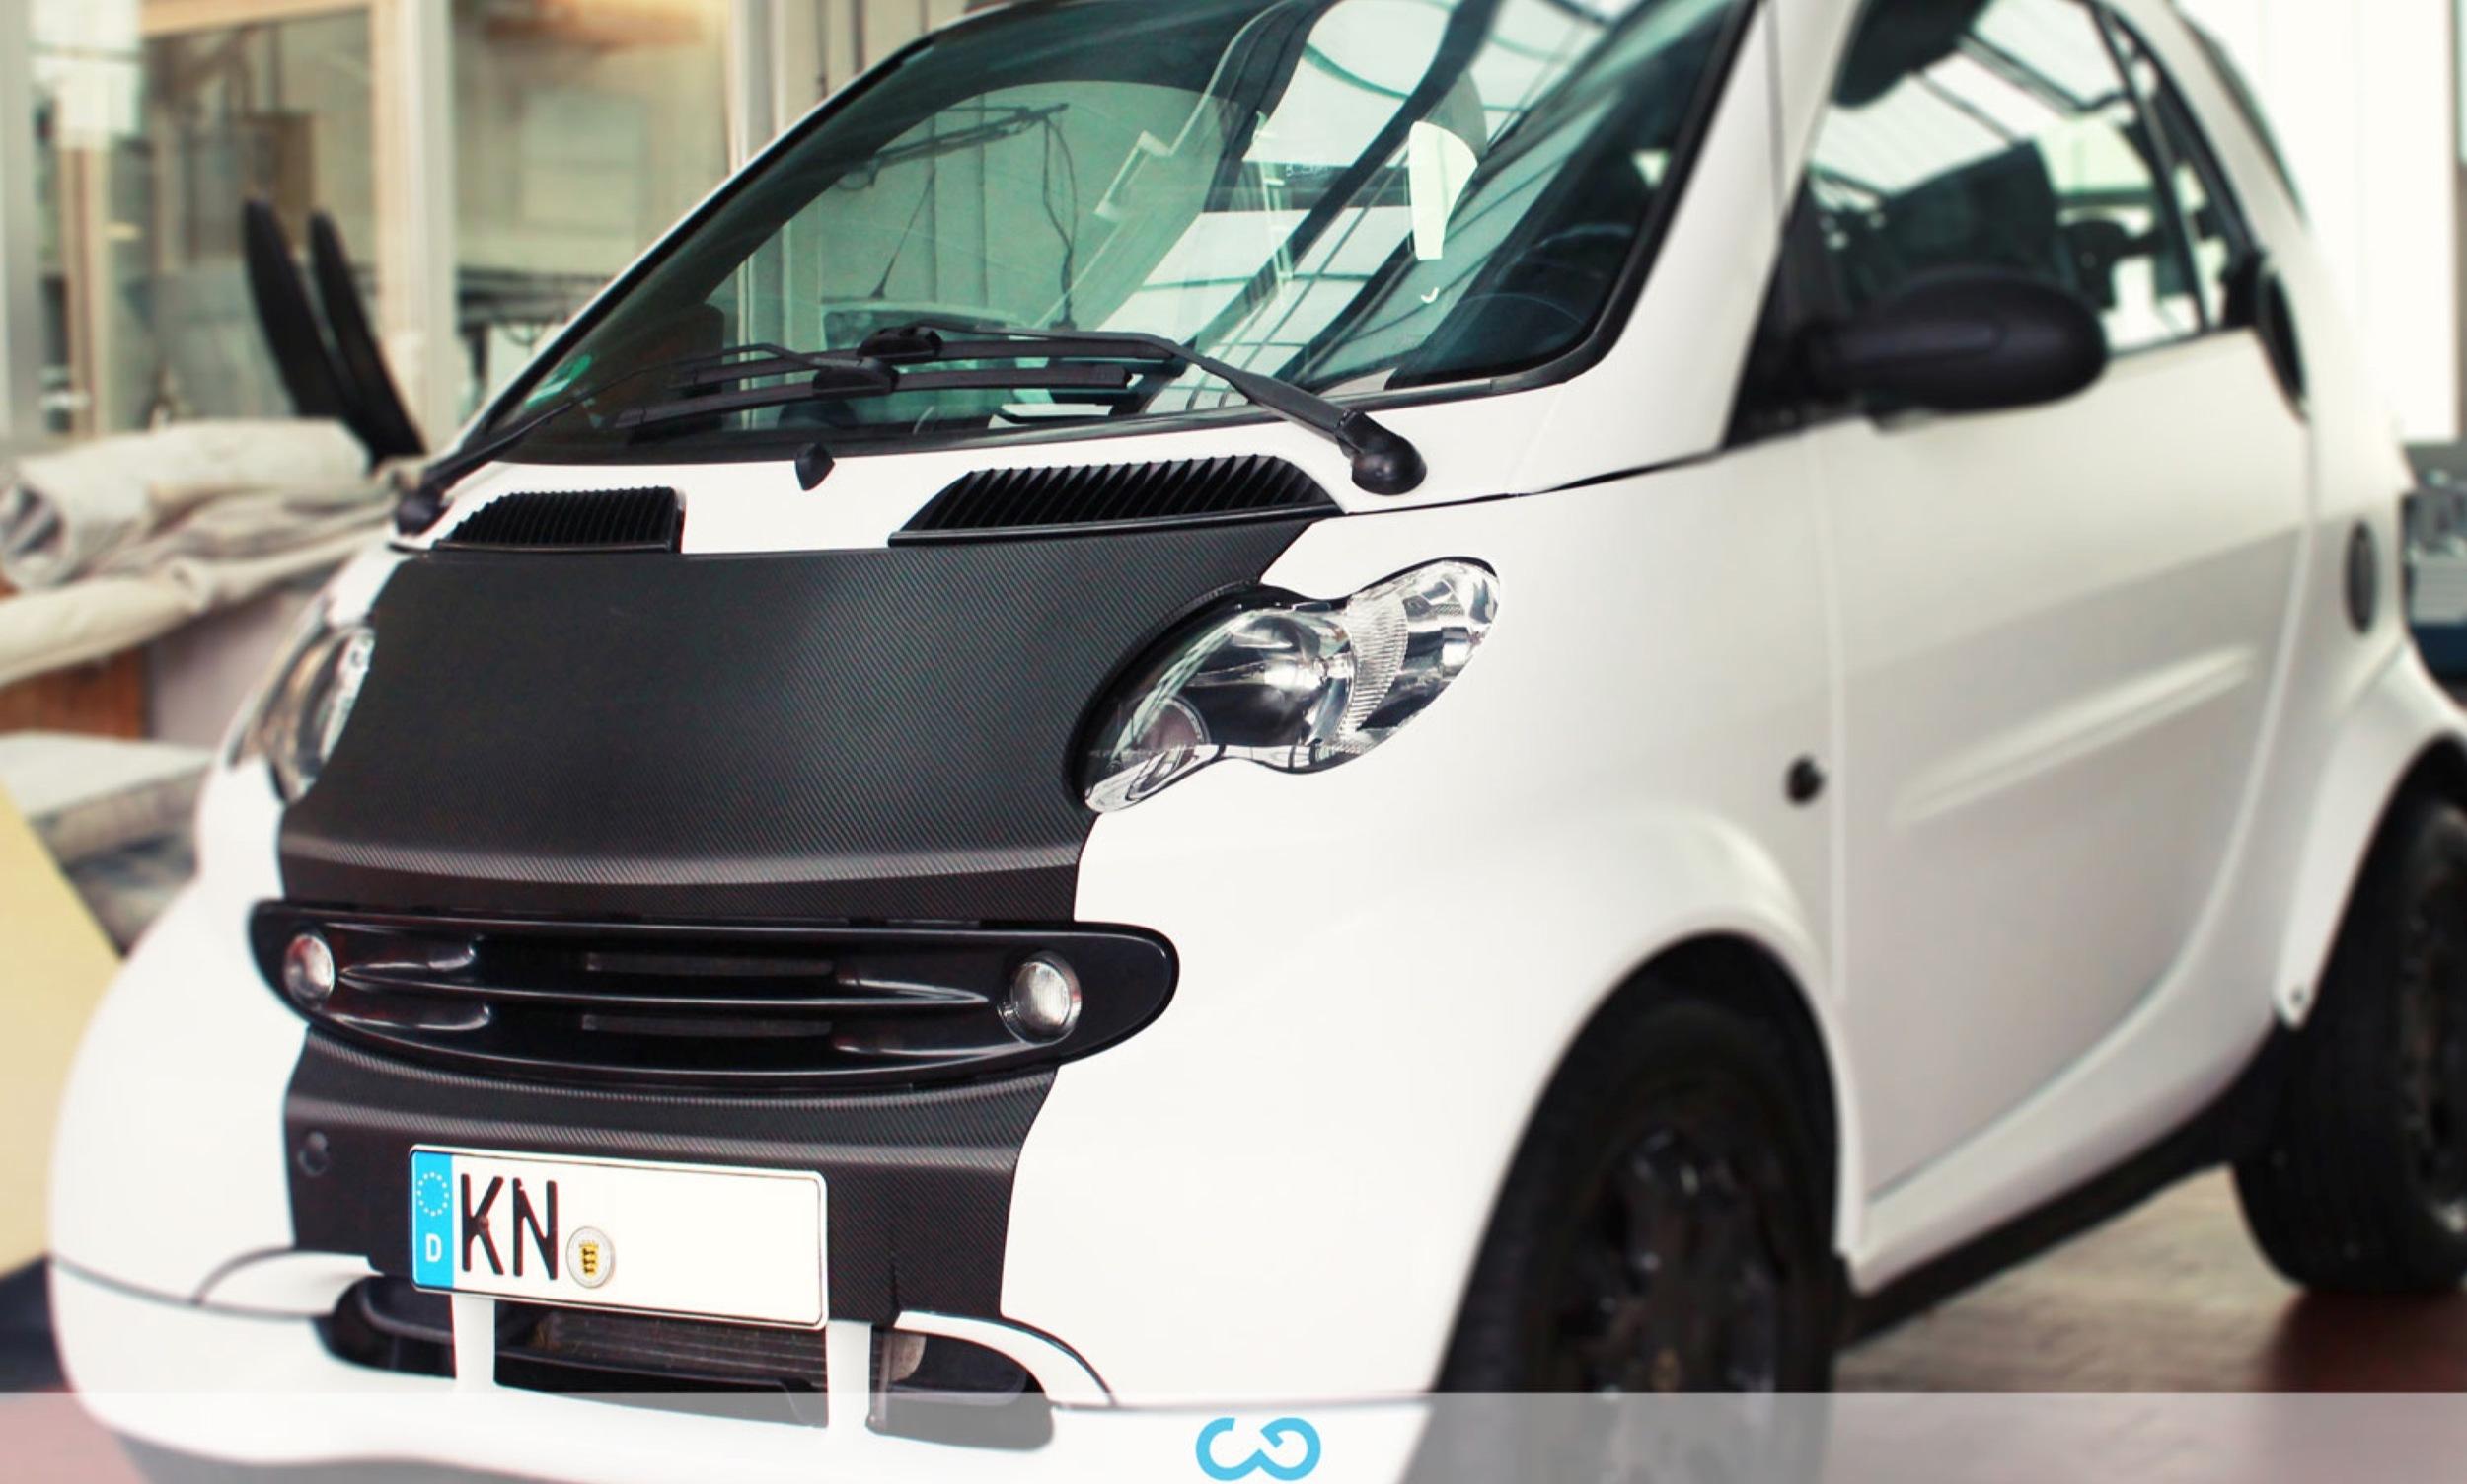 autofolierung-car-wrapping-3-vollfolierung-teilfolierung-carbonfolie-smart-weiss-2012-10-12-3.jpg